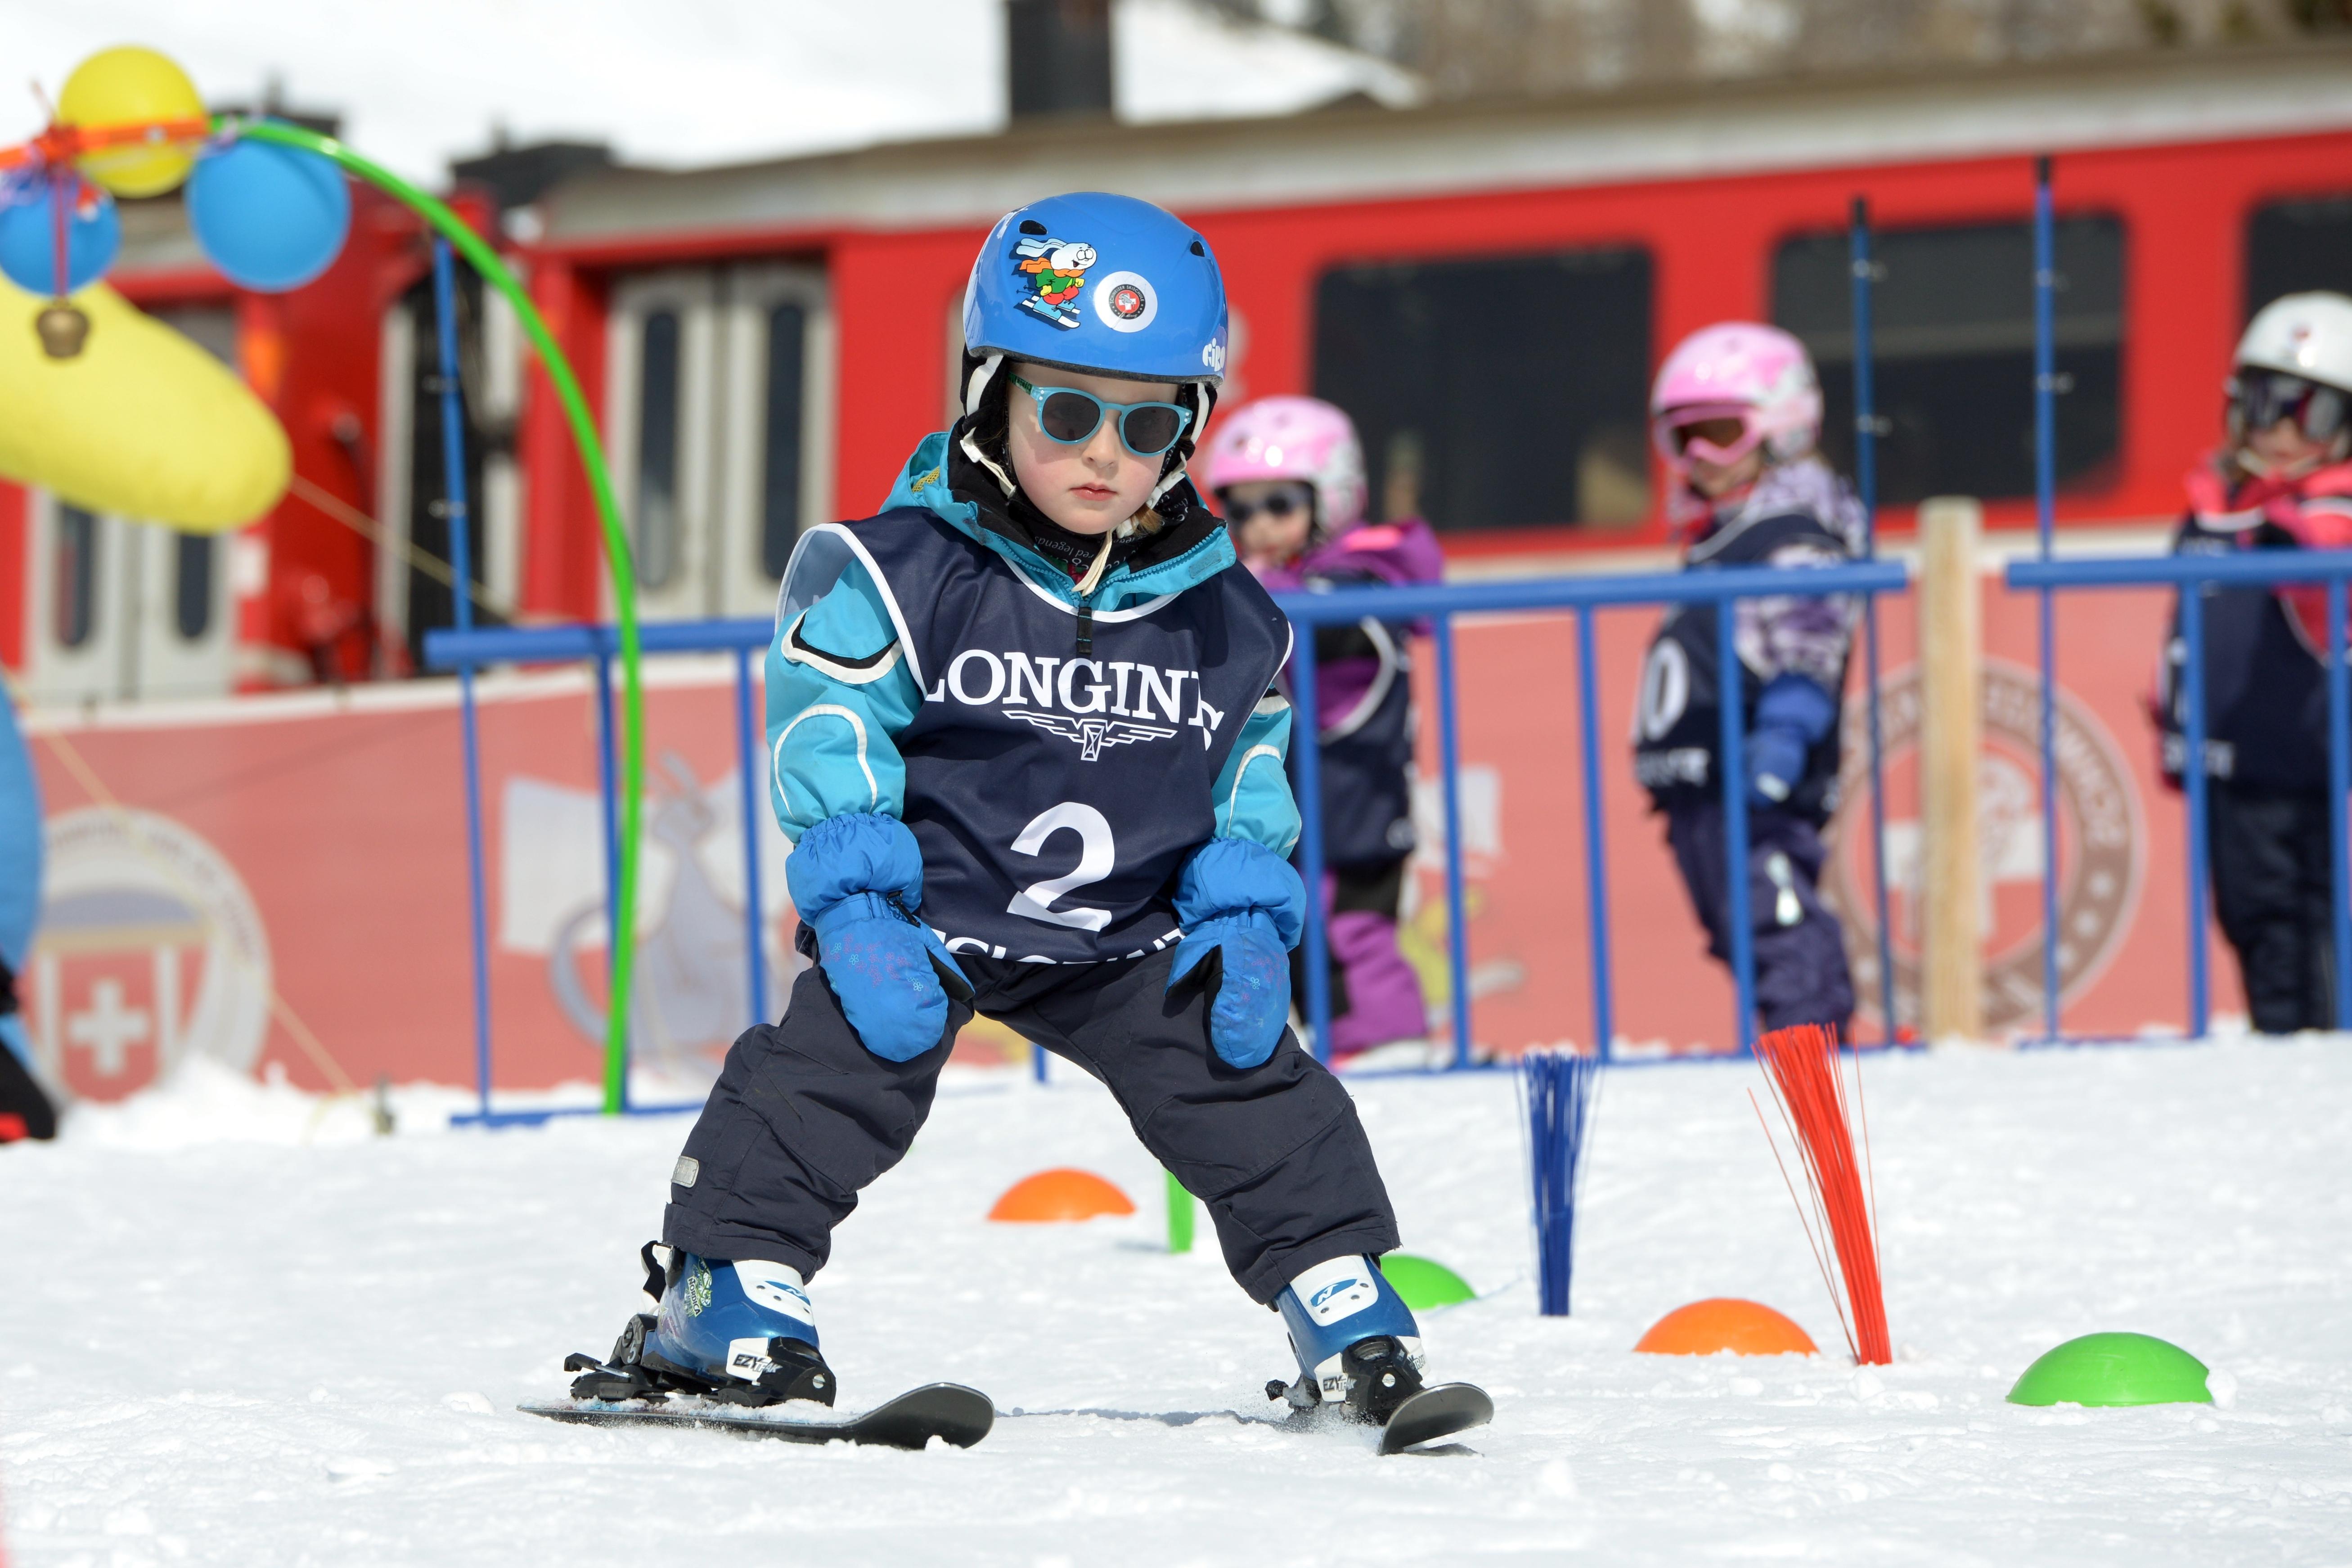 Schweizer Skischule St.Moritz / Samedan Slide 2